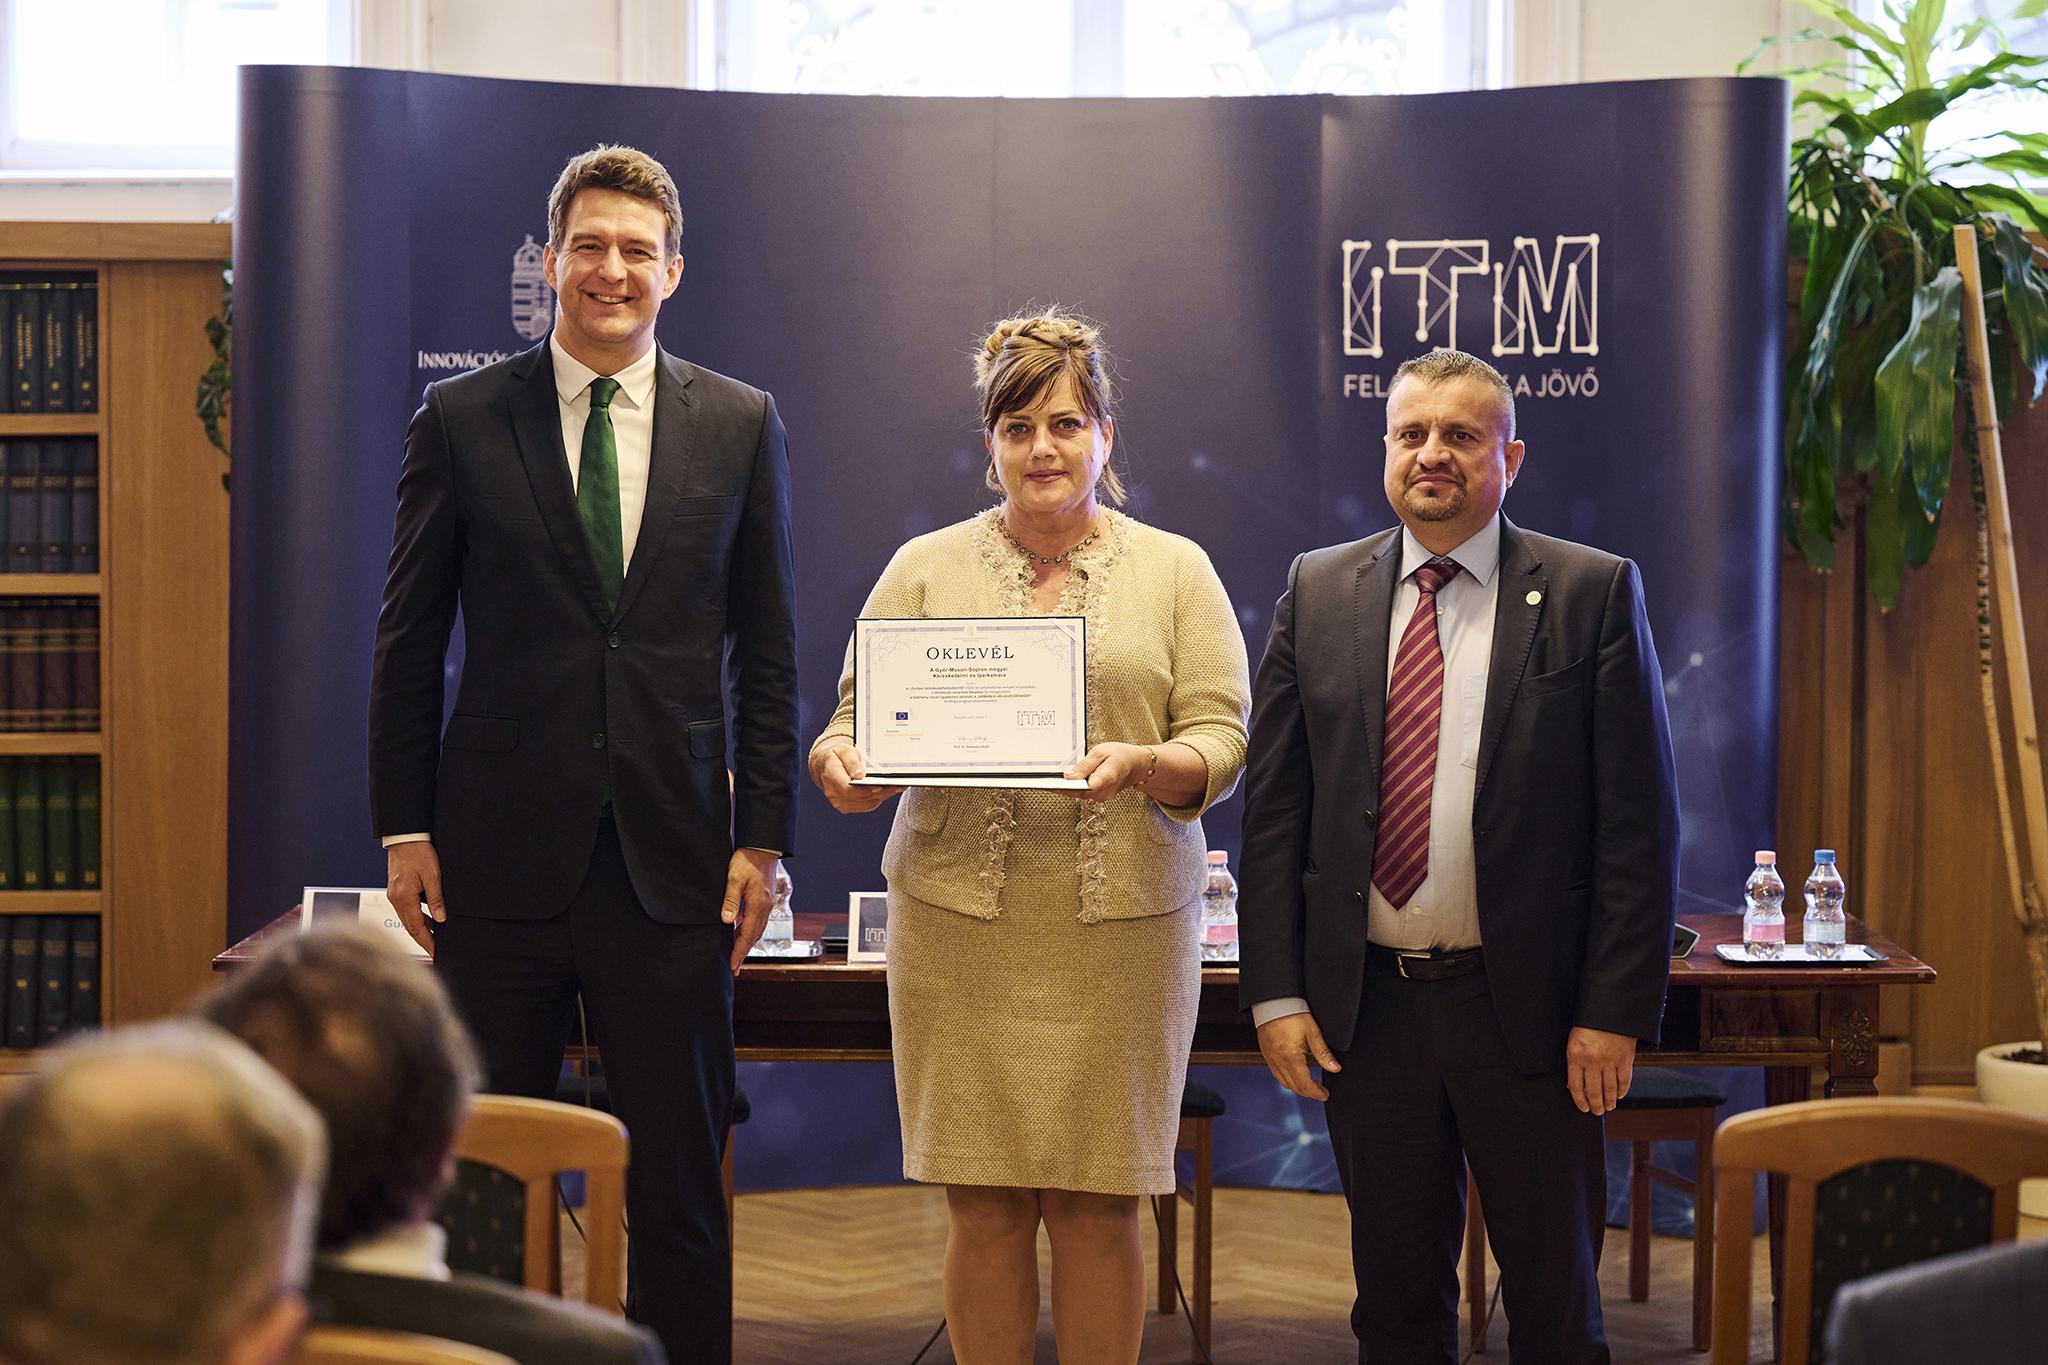 """Európai Vállalkozásfejlesztési Díjas a """"Kamara a vállalkozásokért"""" kurzus"""